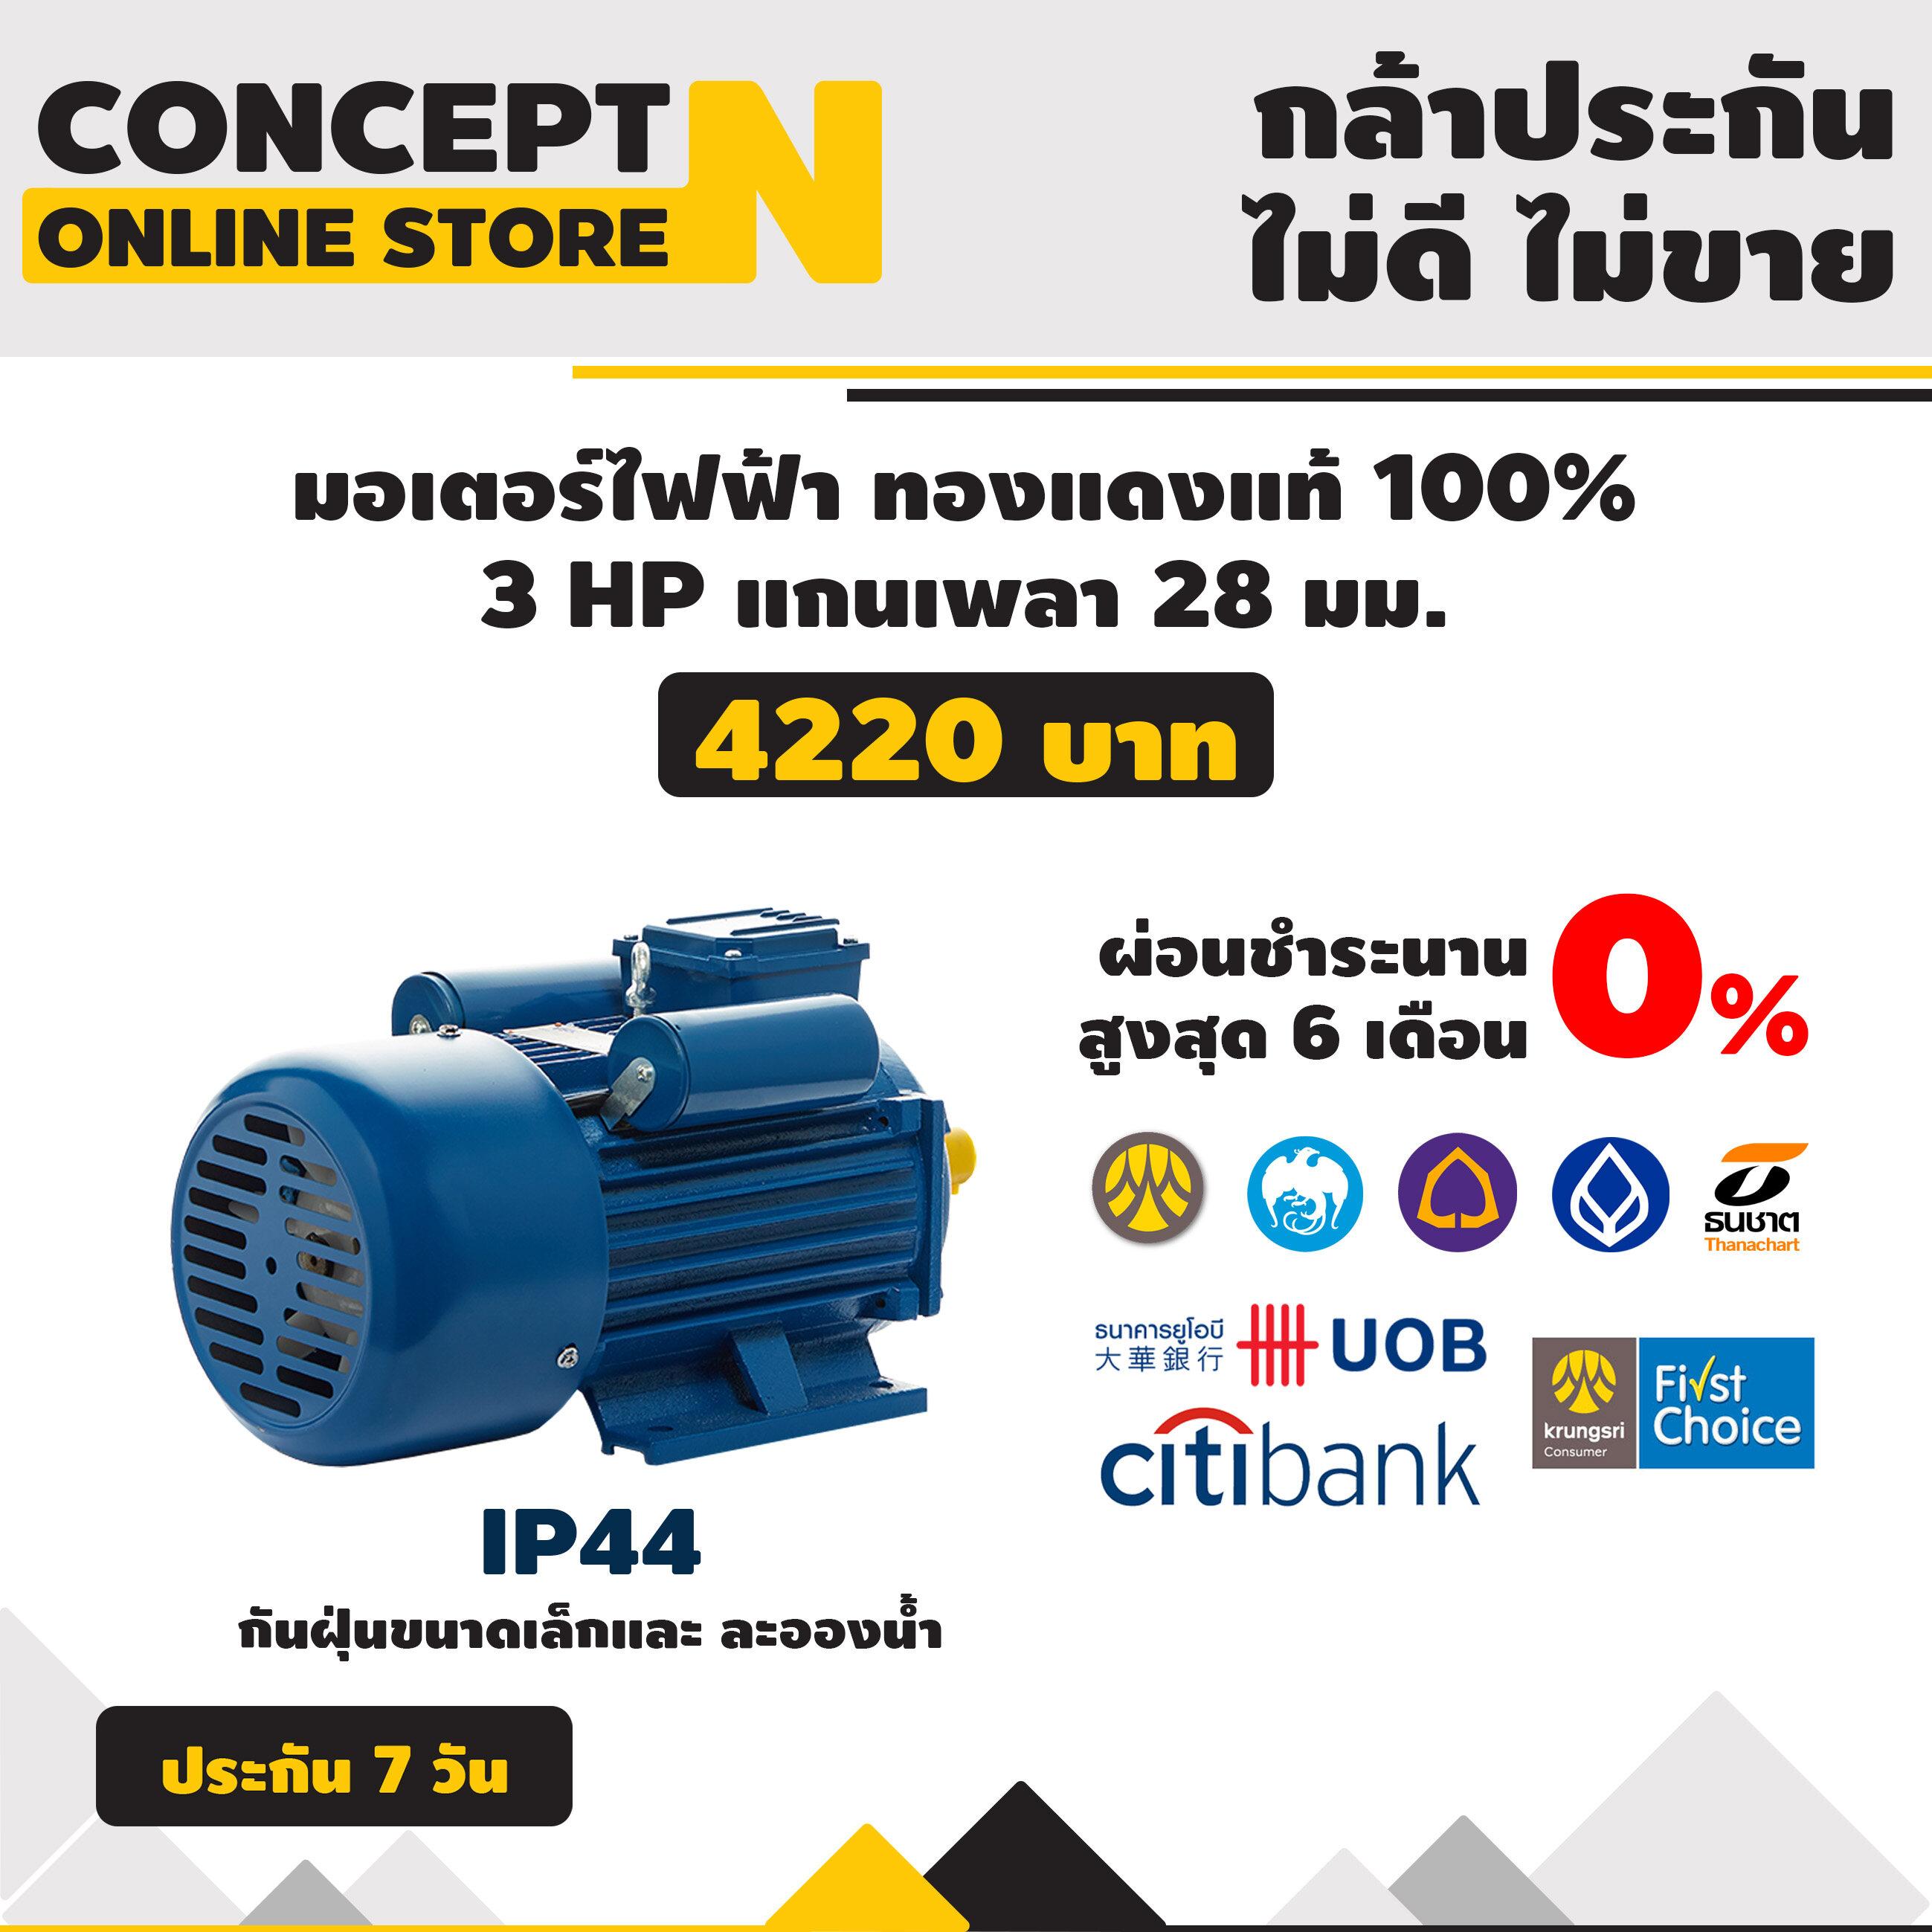 มอเตอร์ไฟฟ้า 3hp แกนเพลา 28 มม. 220v ทองแดงแท้ 100% กระแสสลับ 1 เฟส.